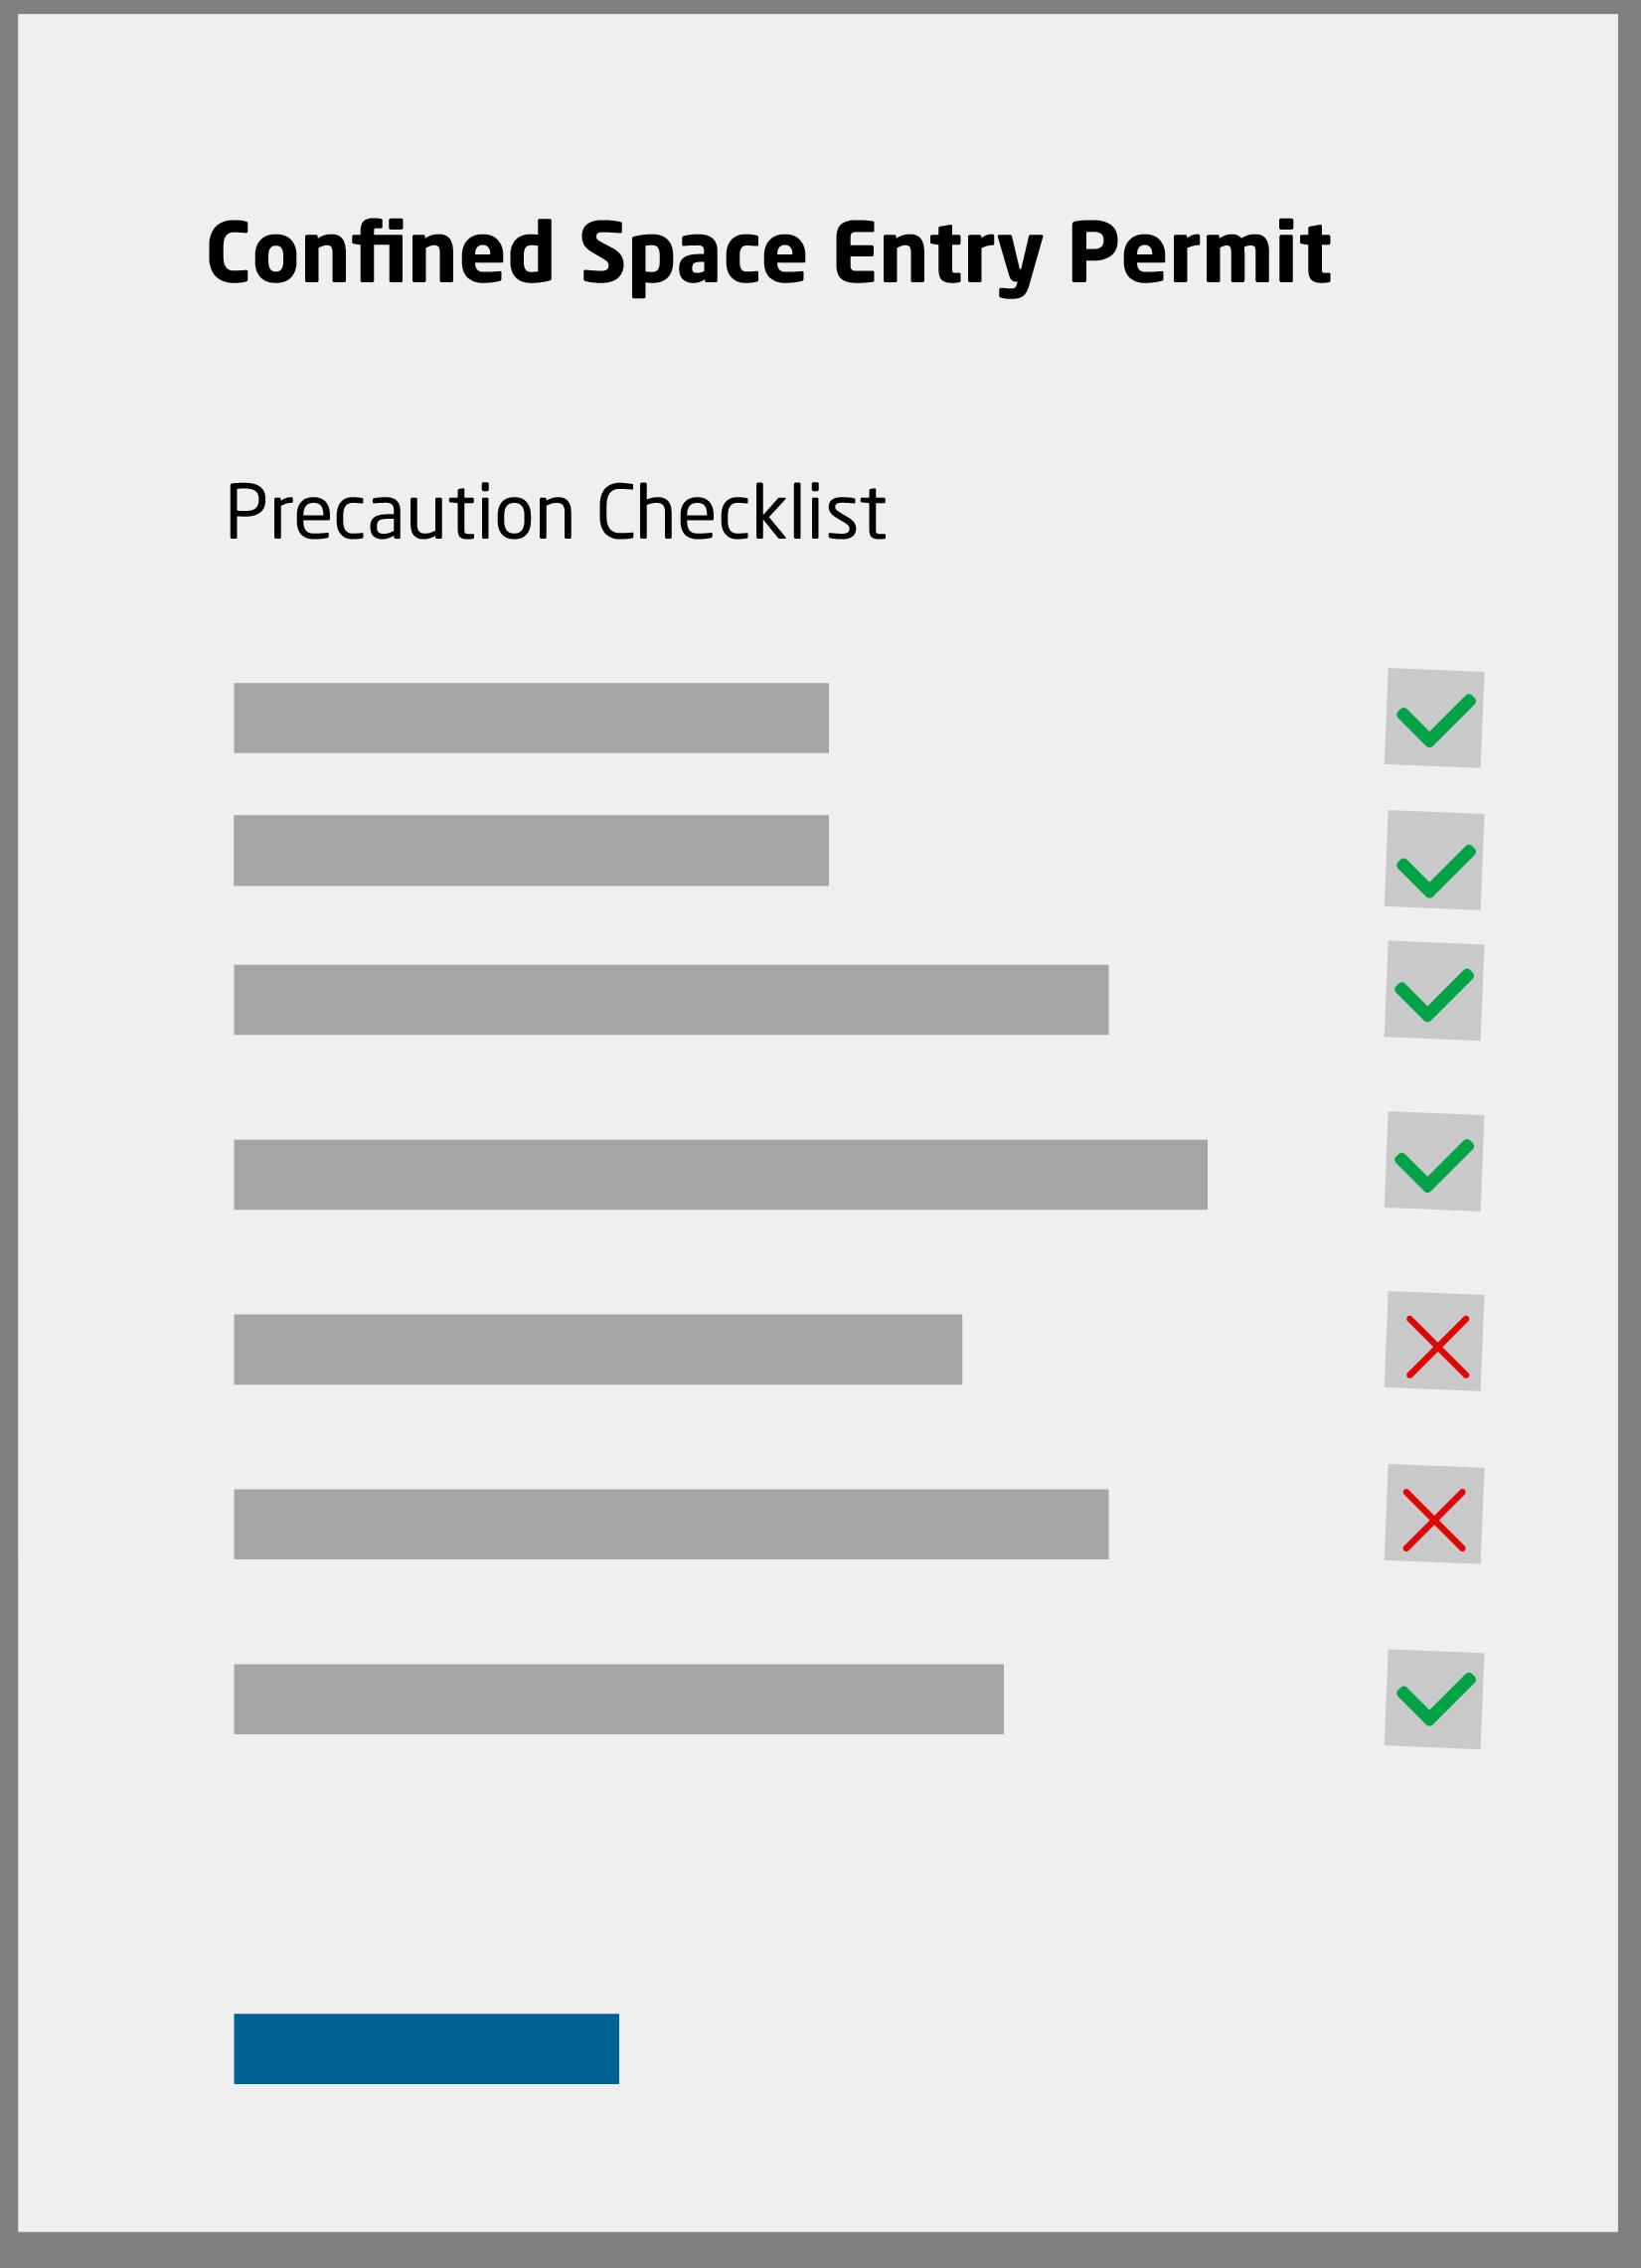 Precaution checklist